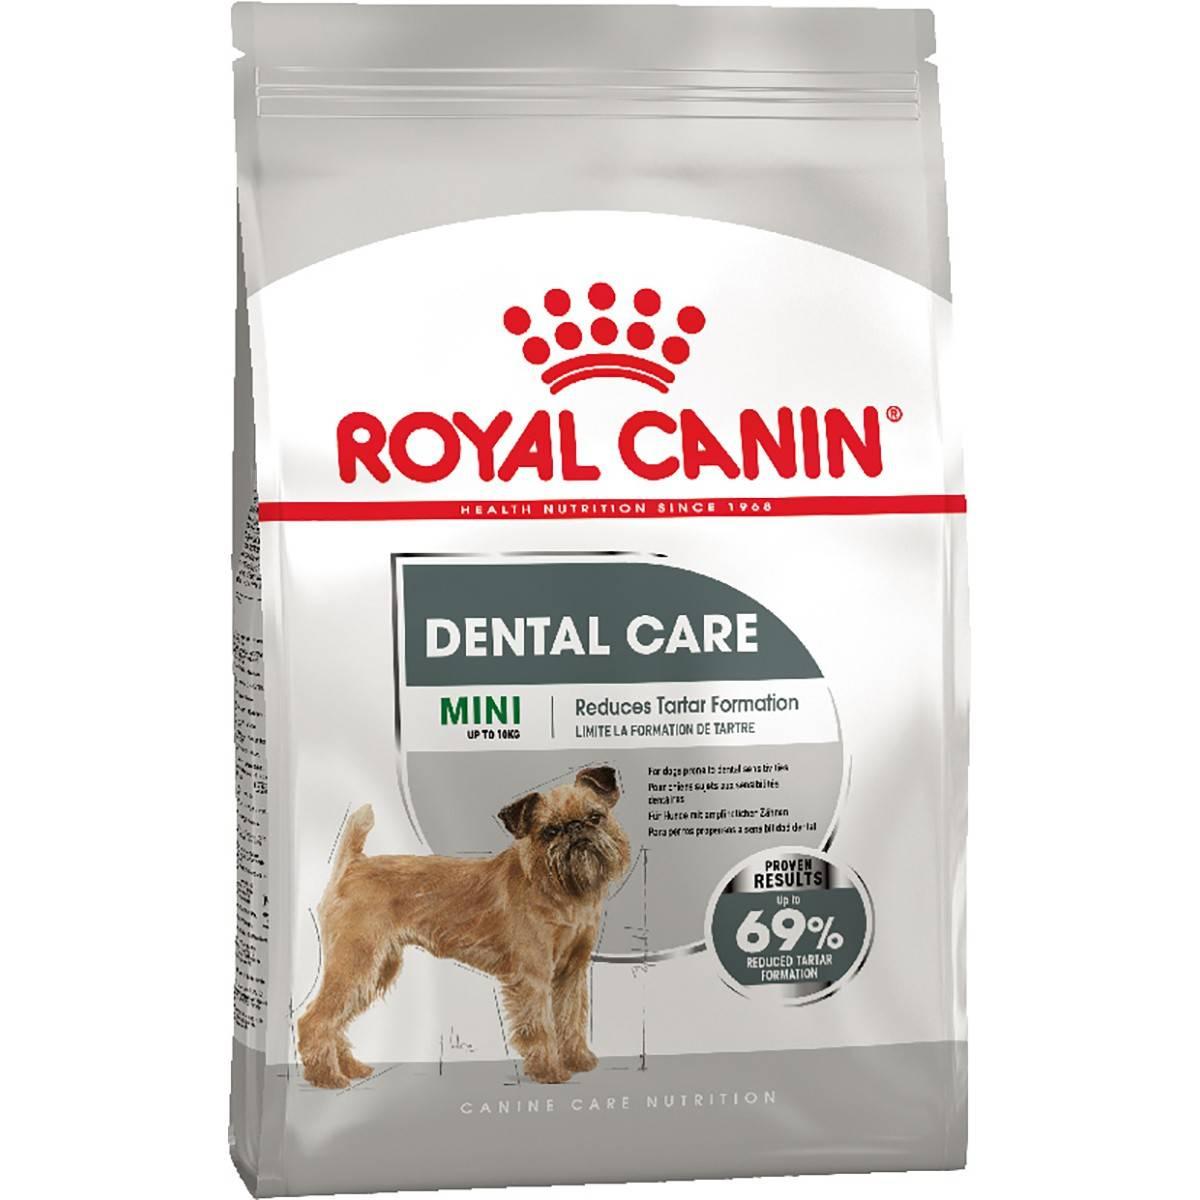 ROYAL CANIN DENTAL CARE MINI – сухой корм для взрослых собак малых пород с повышенной чувствительностью зубов